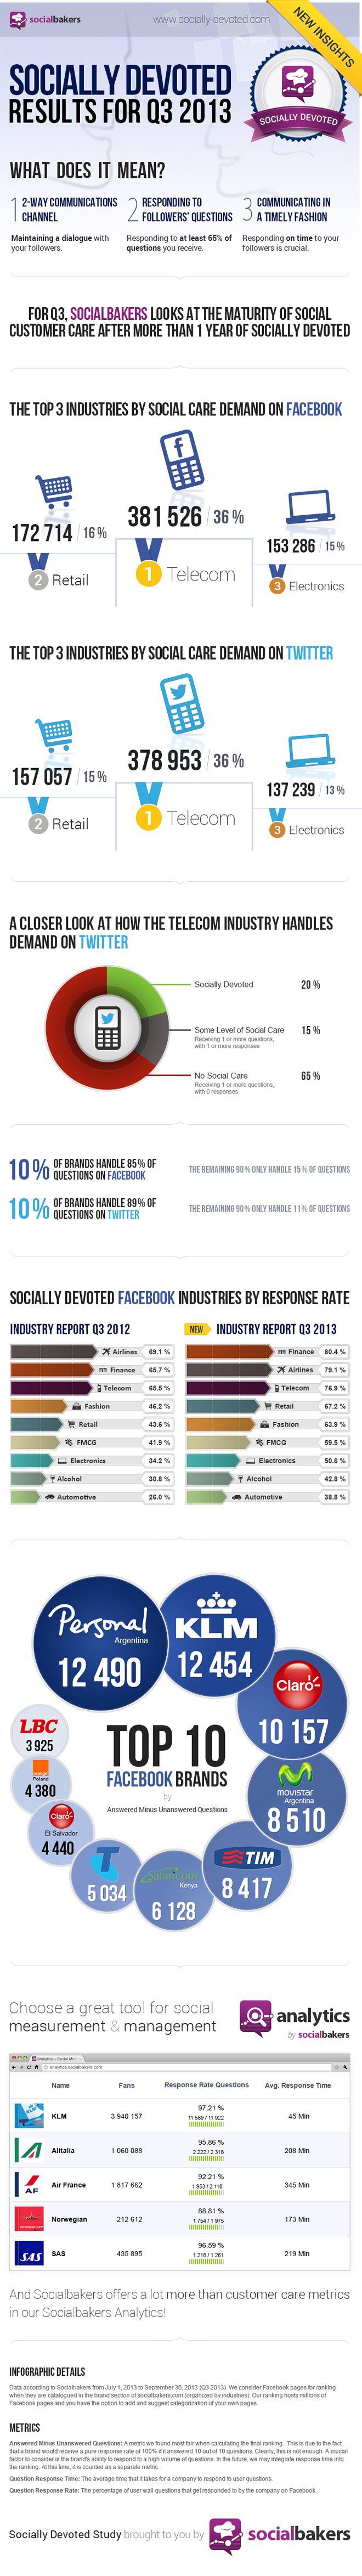 Infográfico revela indústrias que mais atendem o consumidor via redes sociais